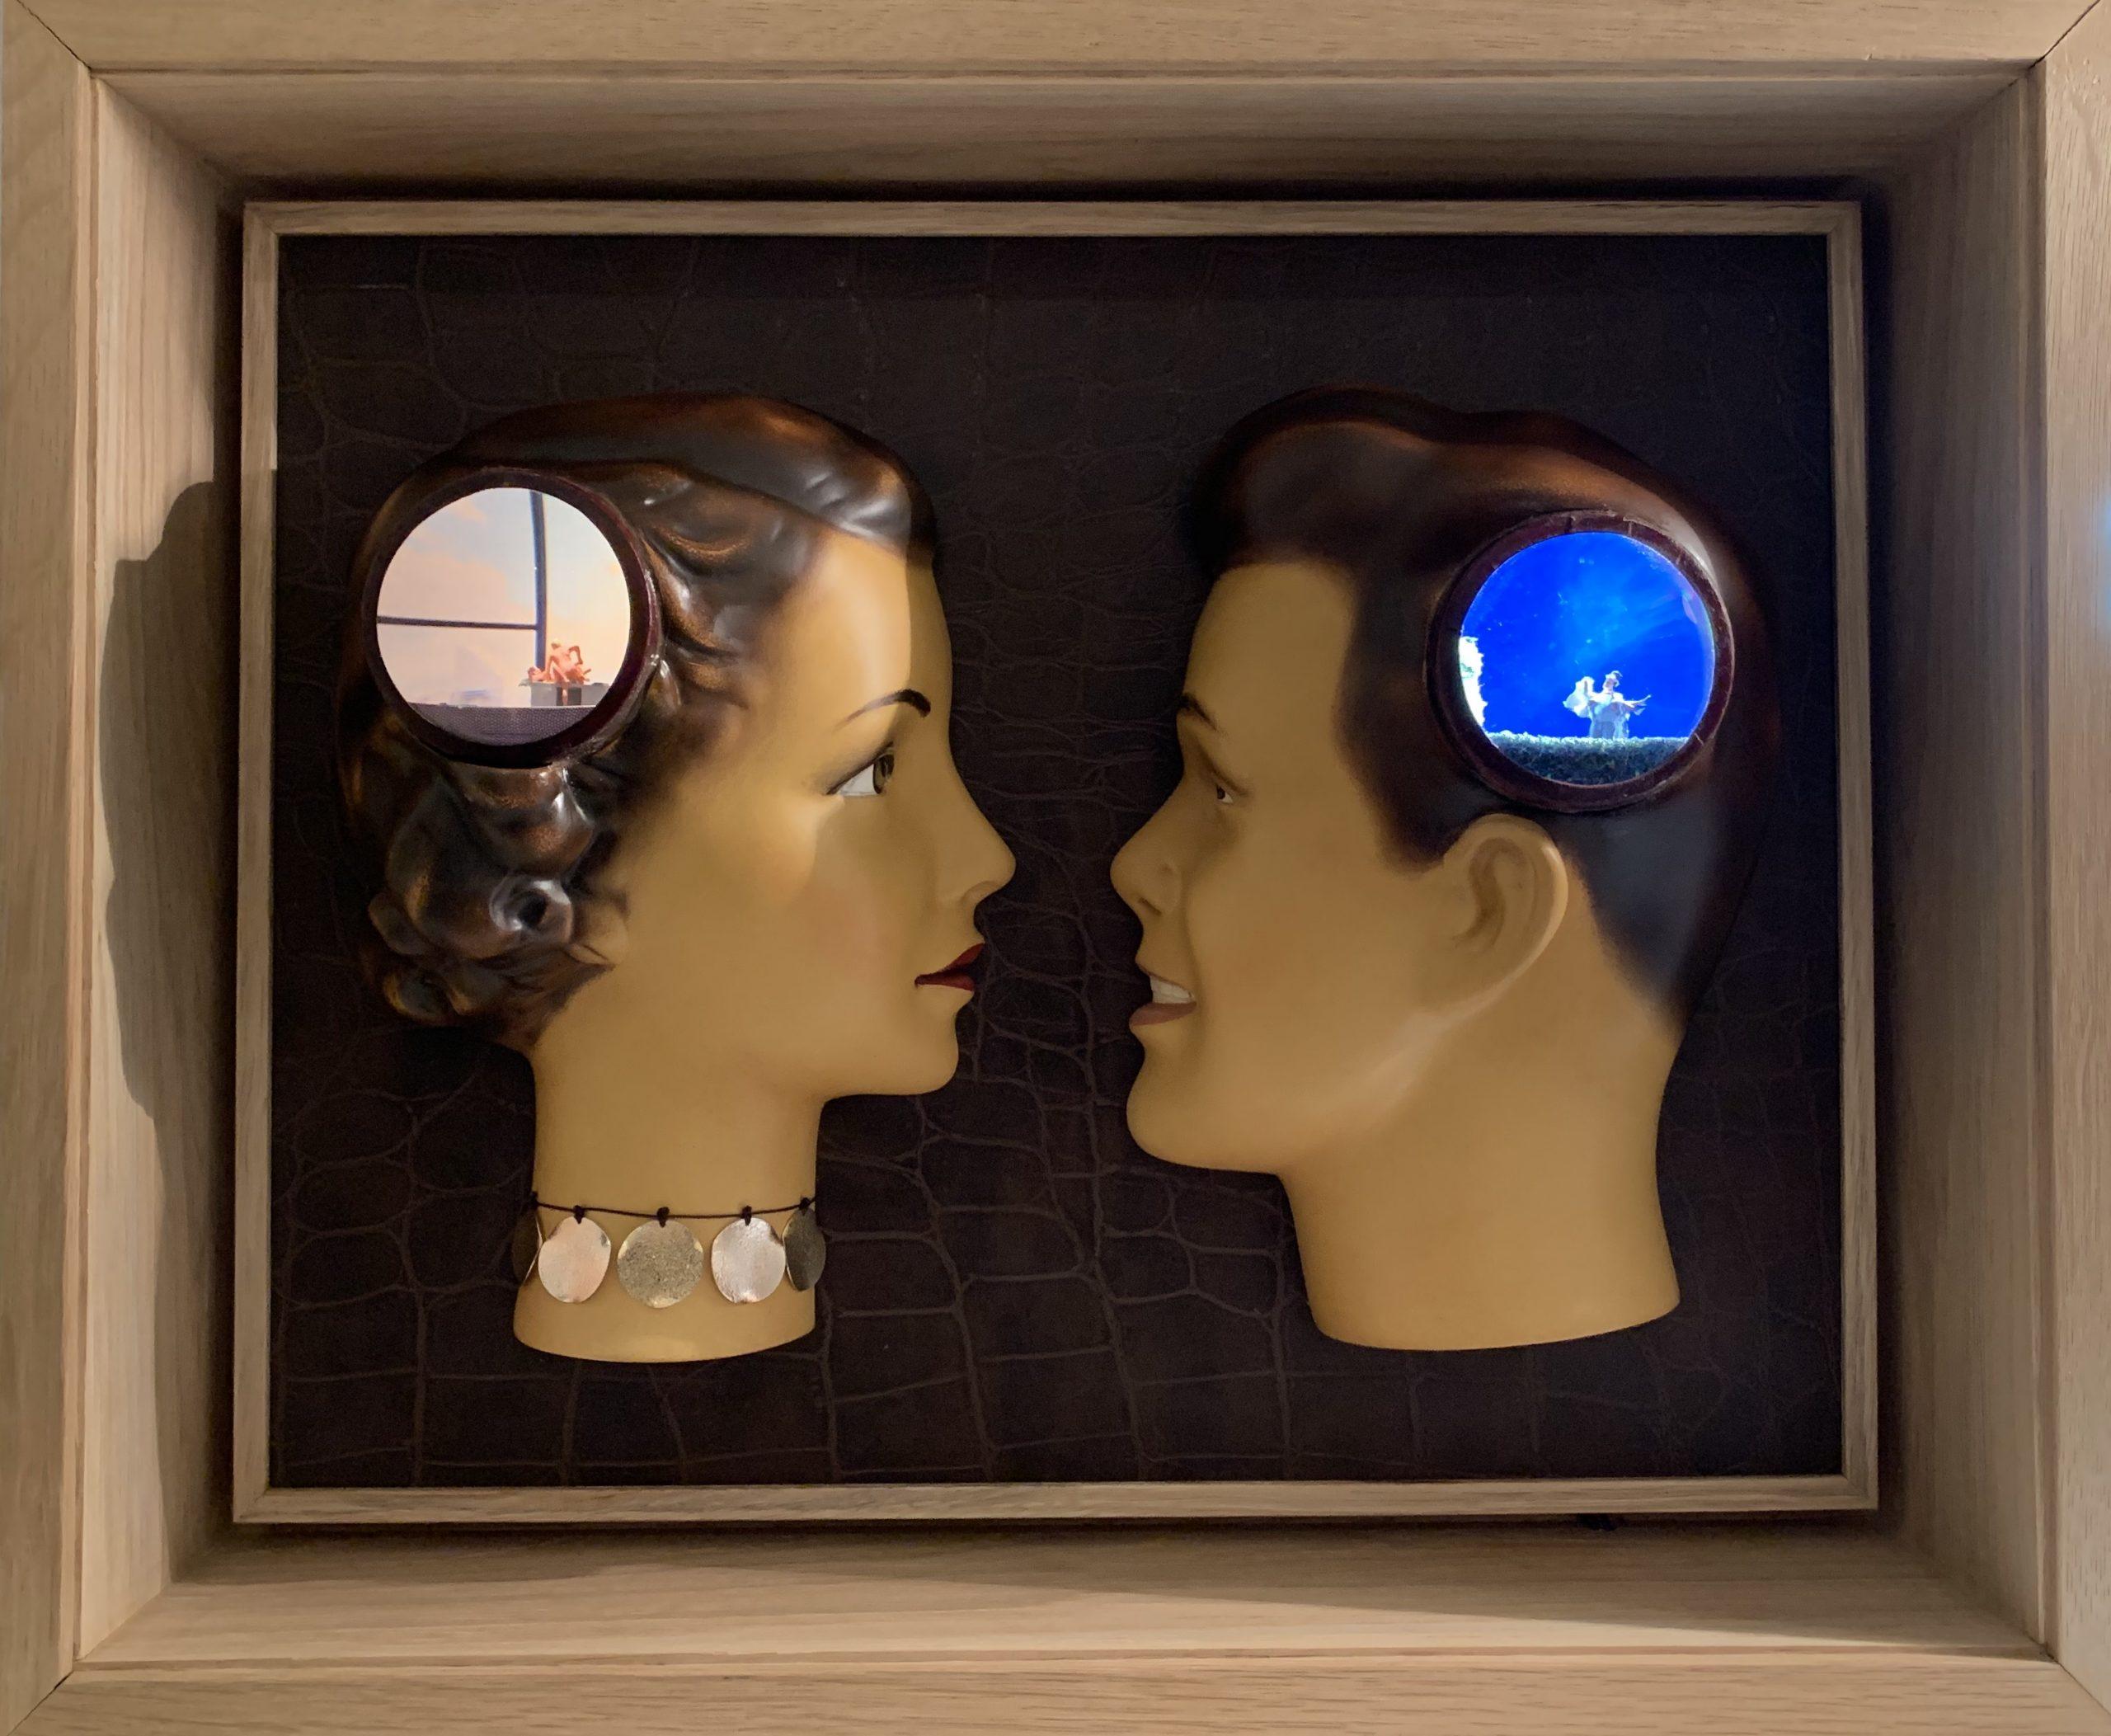 Cliché homme et femme